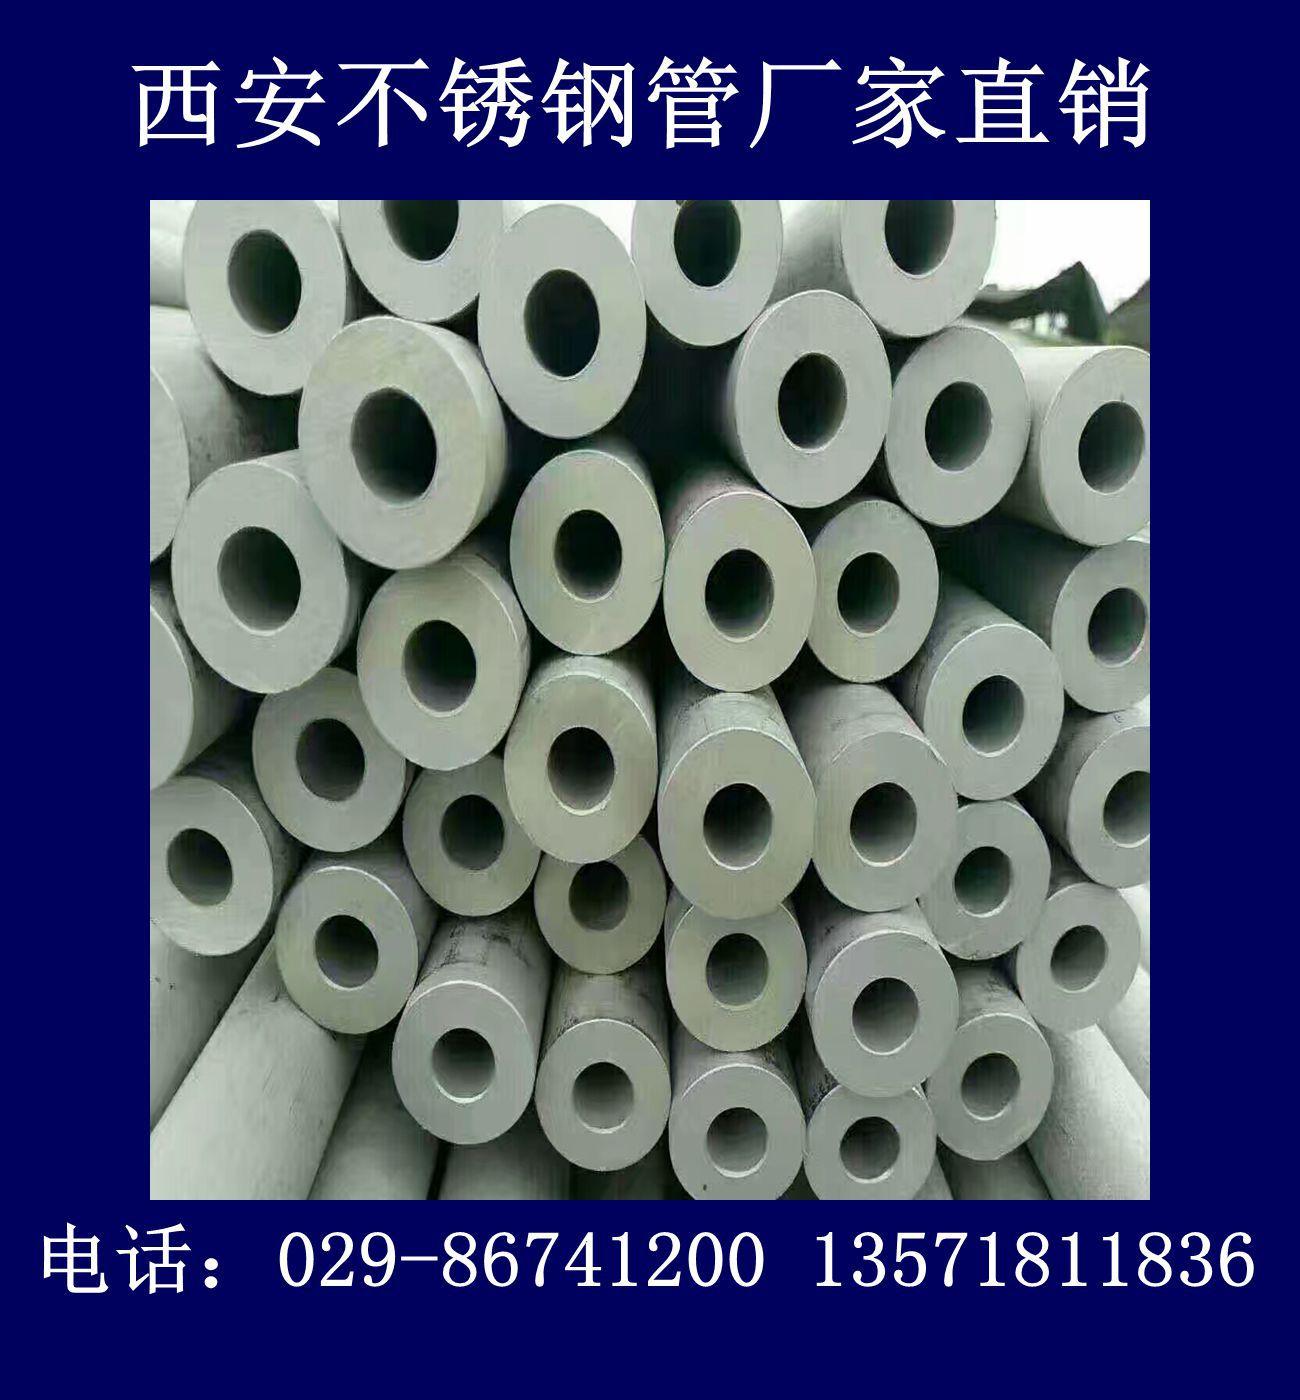 海東不銹鋼管海東304不銹鋼管海東310不銹鋼管廠家直銷